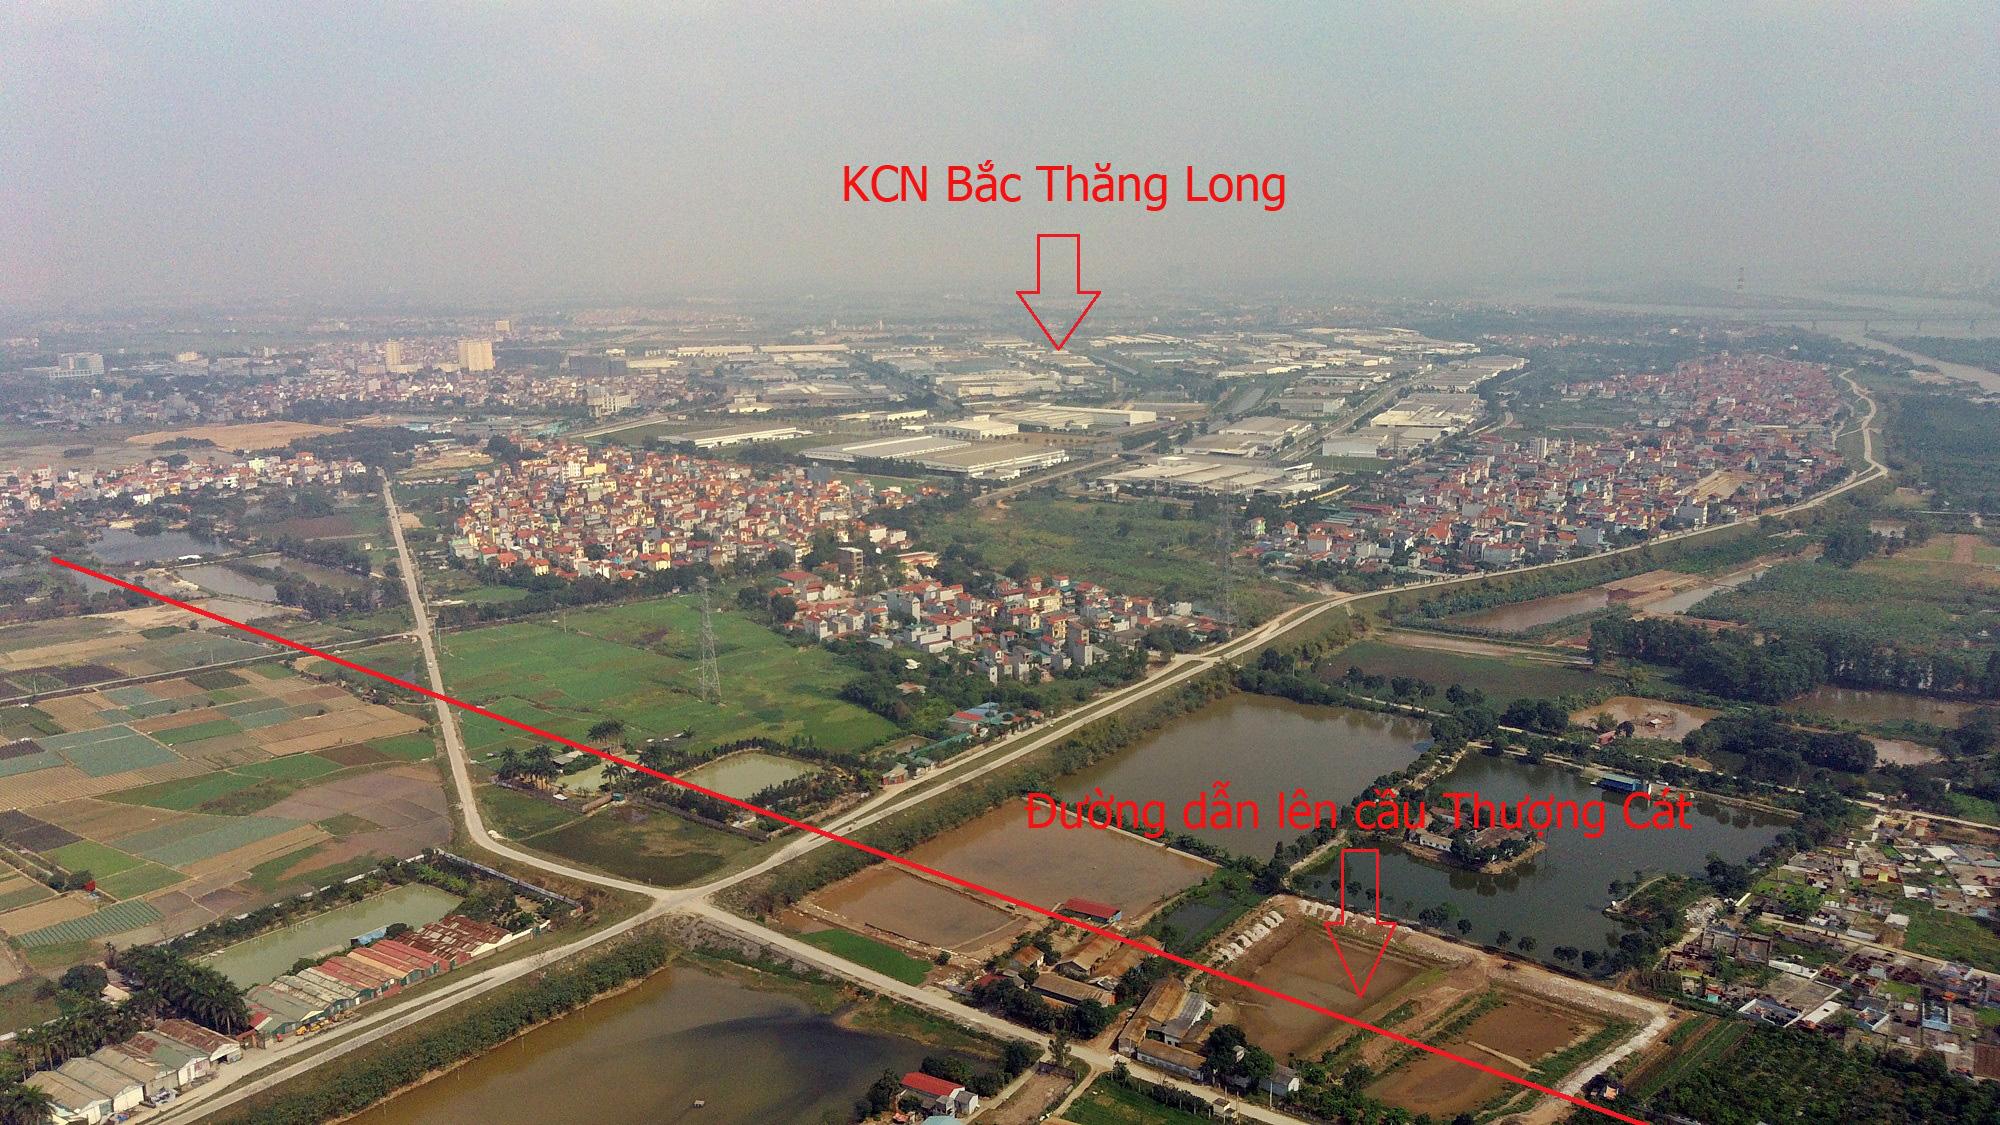 Cầu sẽ mở theo qui hoạch ở Hà Nội: Toàn cảnh cầu Thượng Cát nối Bắc Từ Liêm với Đông Anh - Ảnh 12.